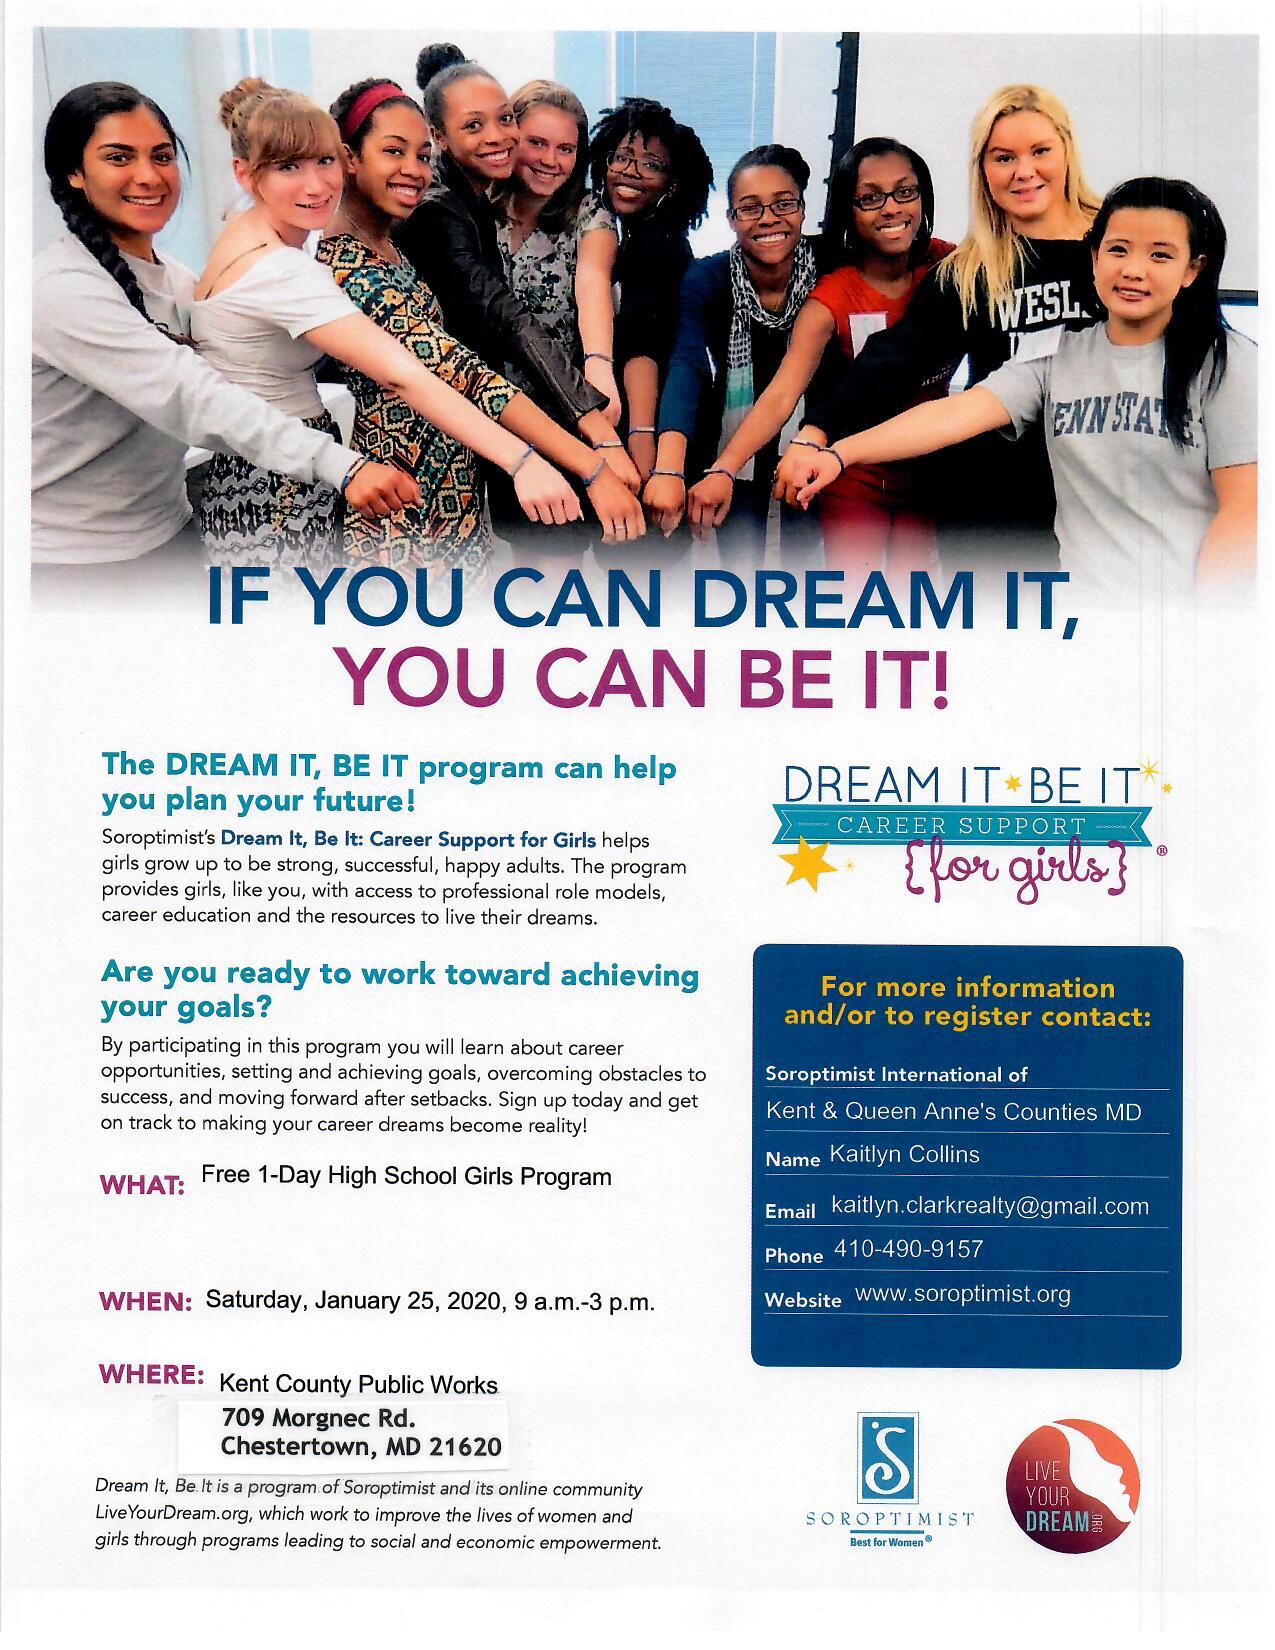 Soroptimist's Dream It Be It Support For Girls Program